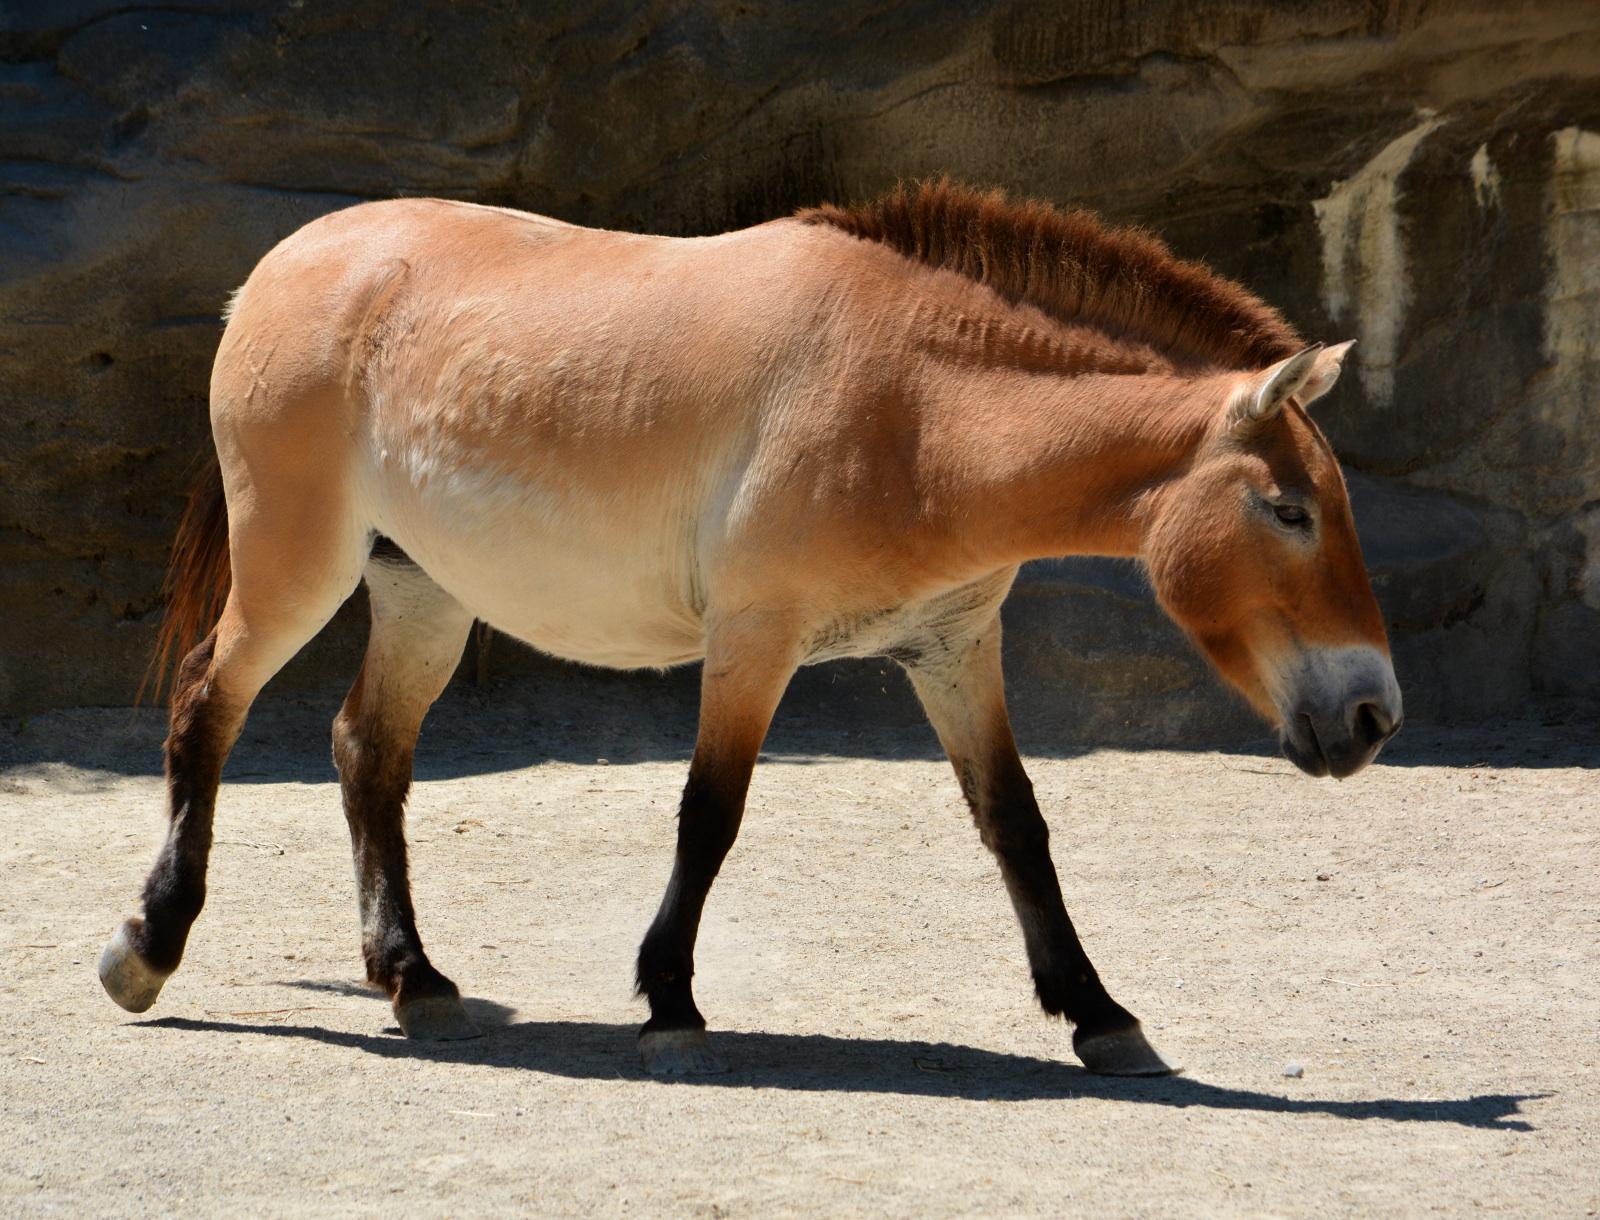 cozy birdhouse | przewalski's horse